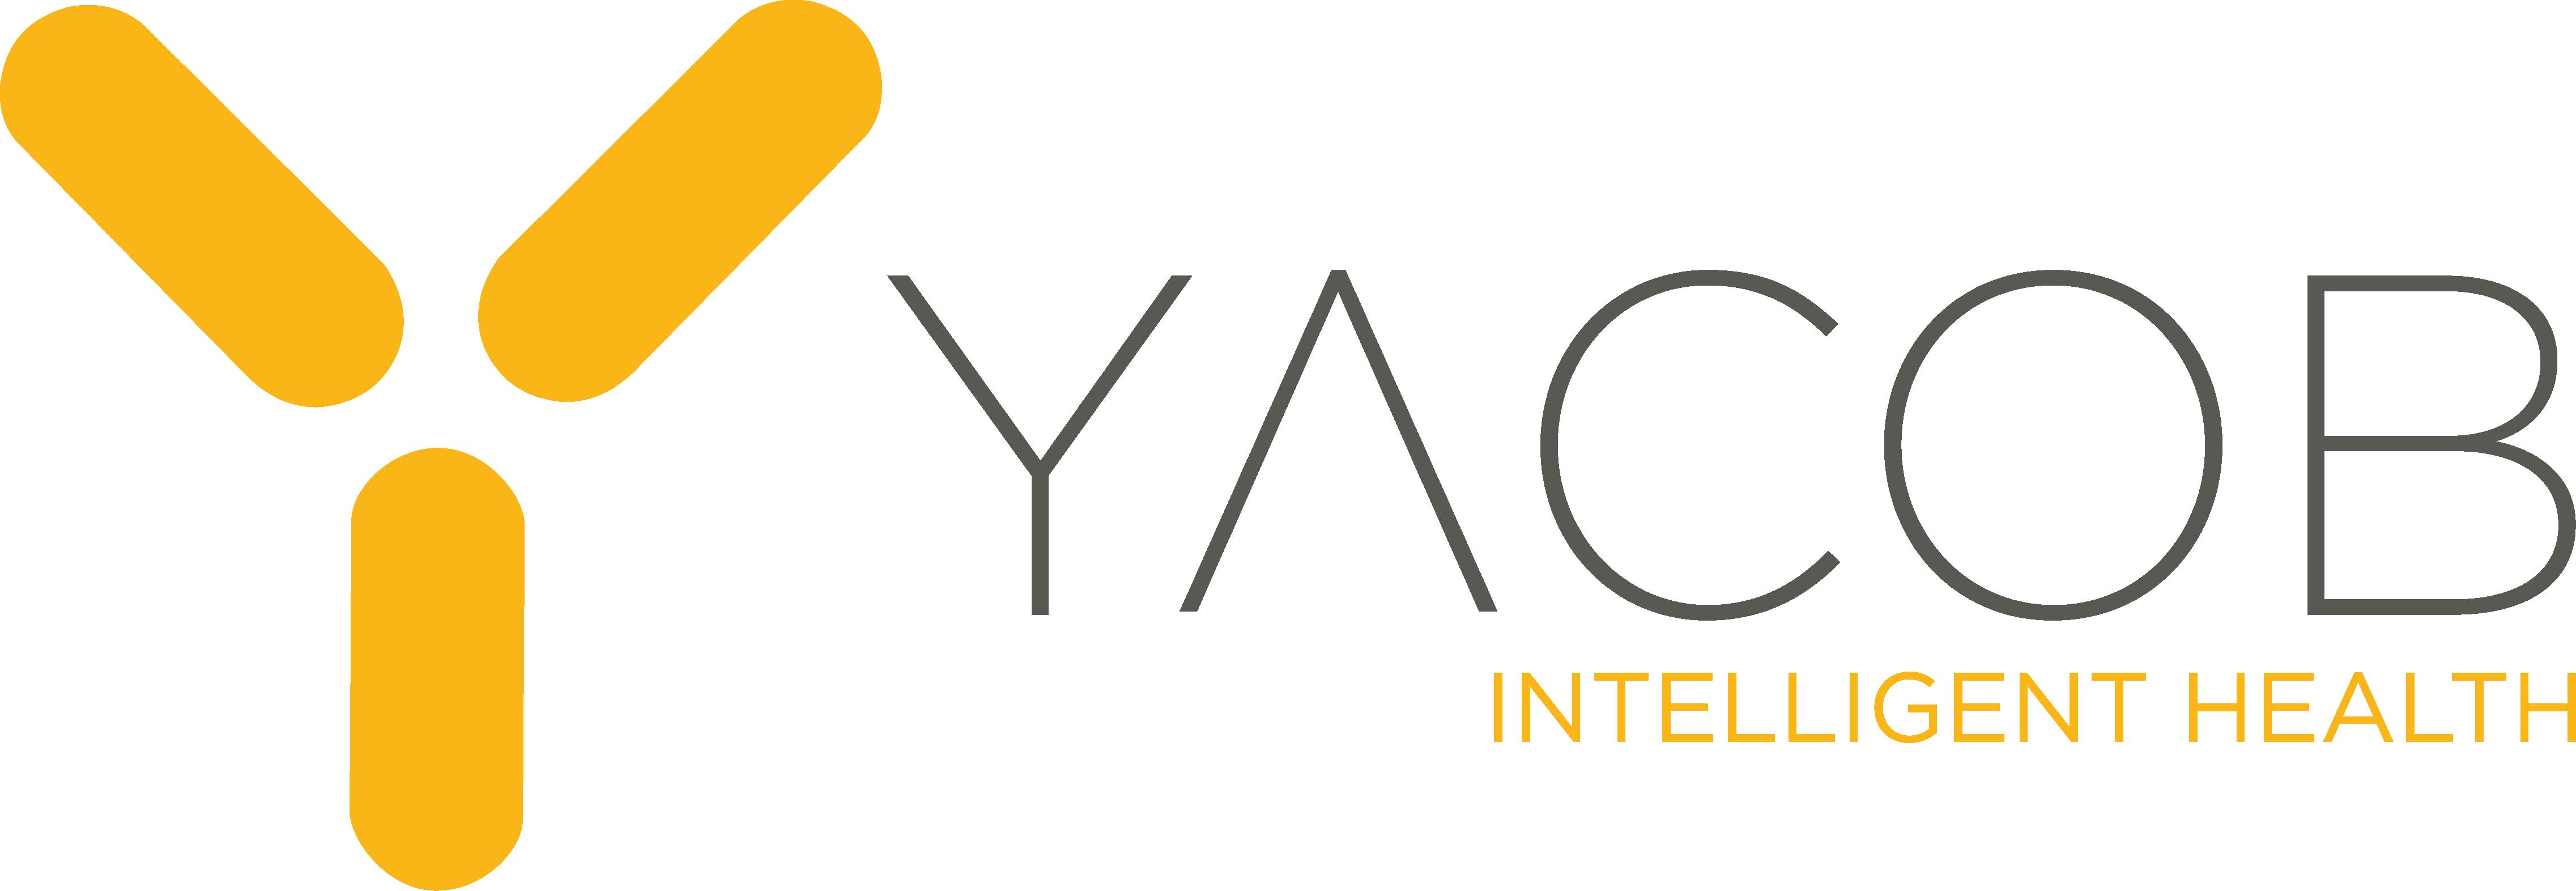 Yacob logo